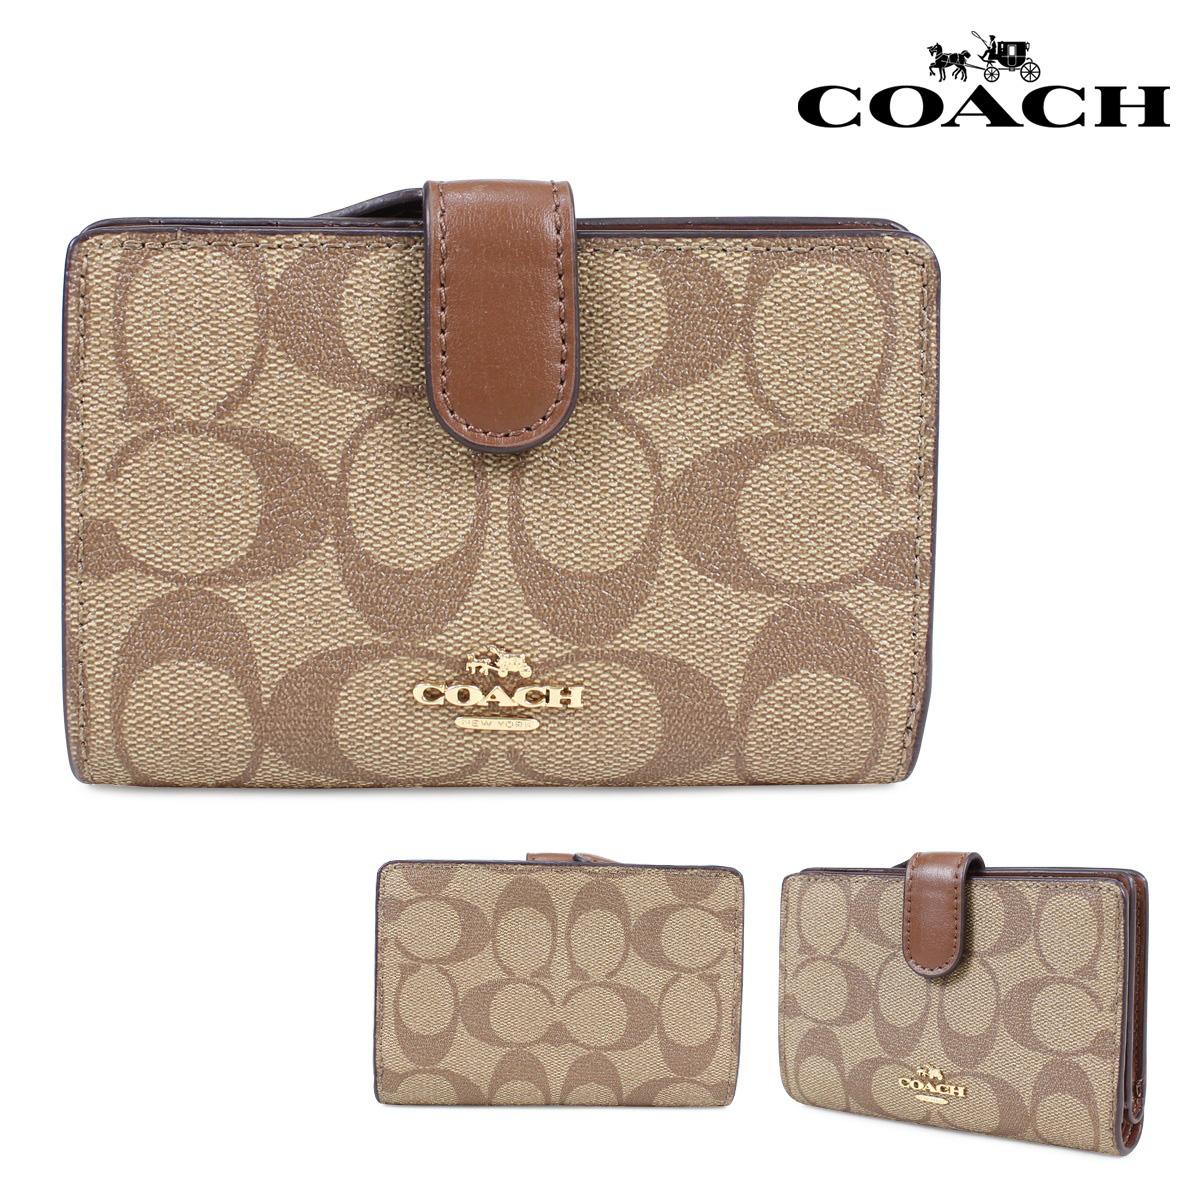 COACH コーチ 財布 二つ折り レディース レザー カーキ F23553